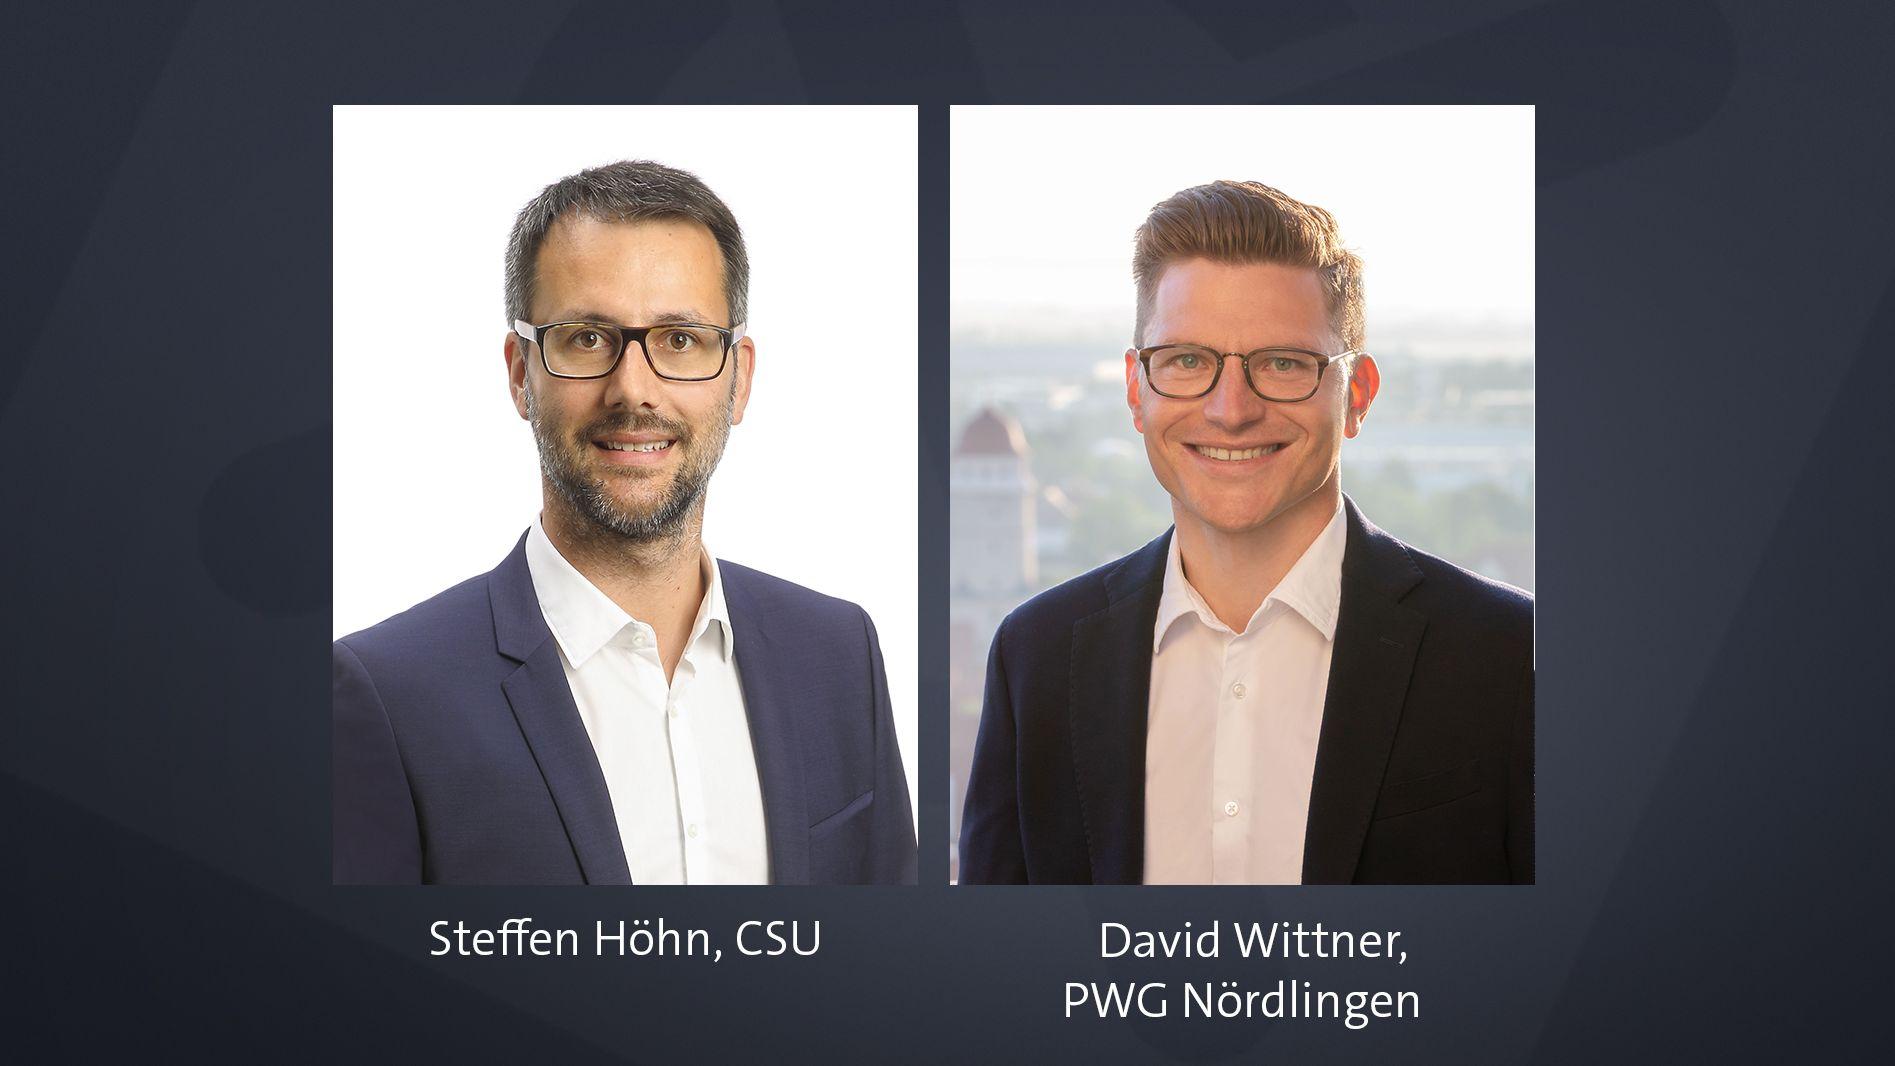 Steffen Höhn und David Wittner: die OB-Kandidaten in der Nördlinger Stichwahl